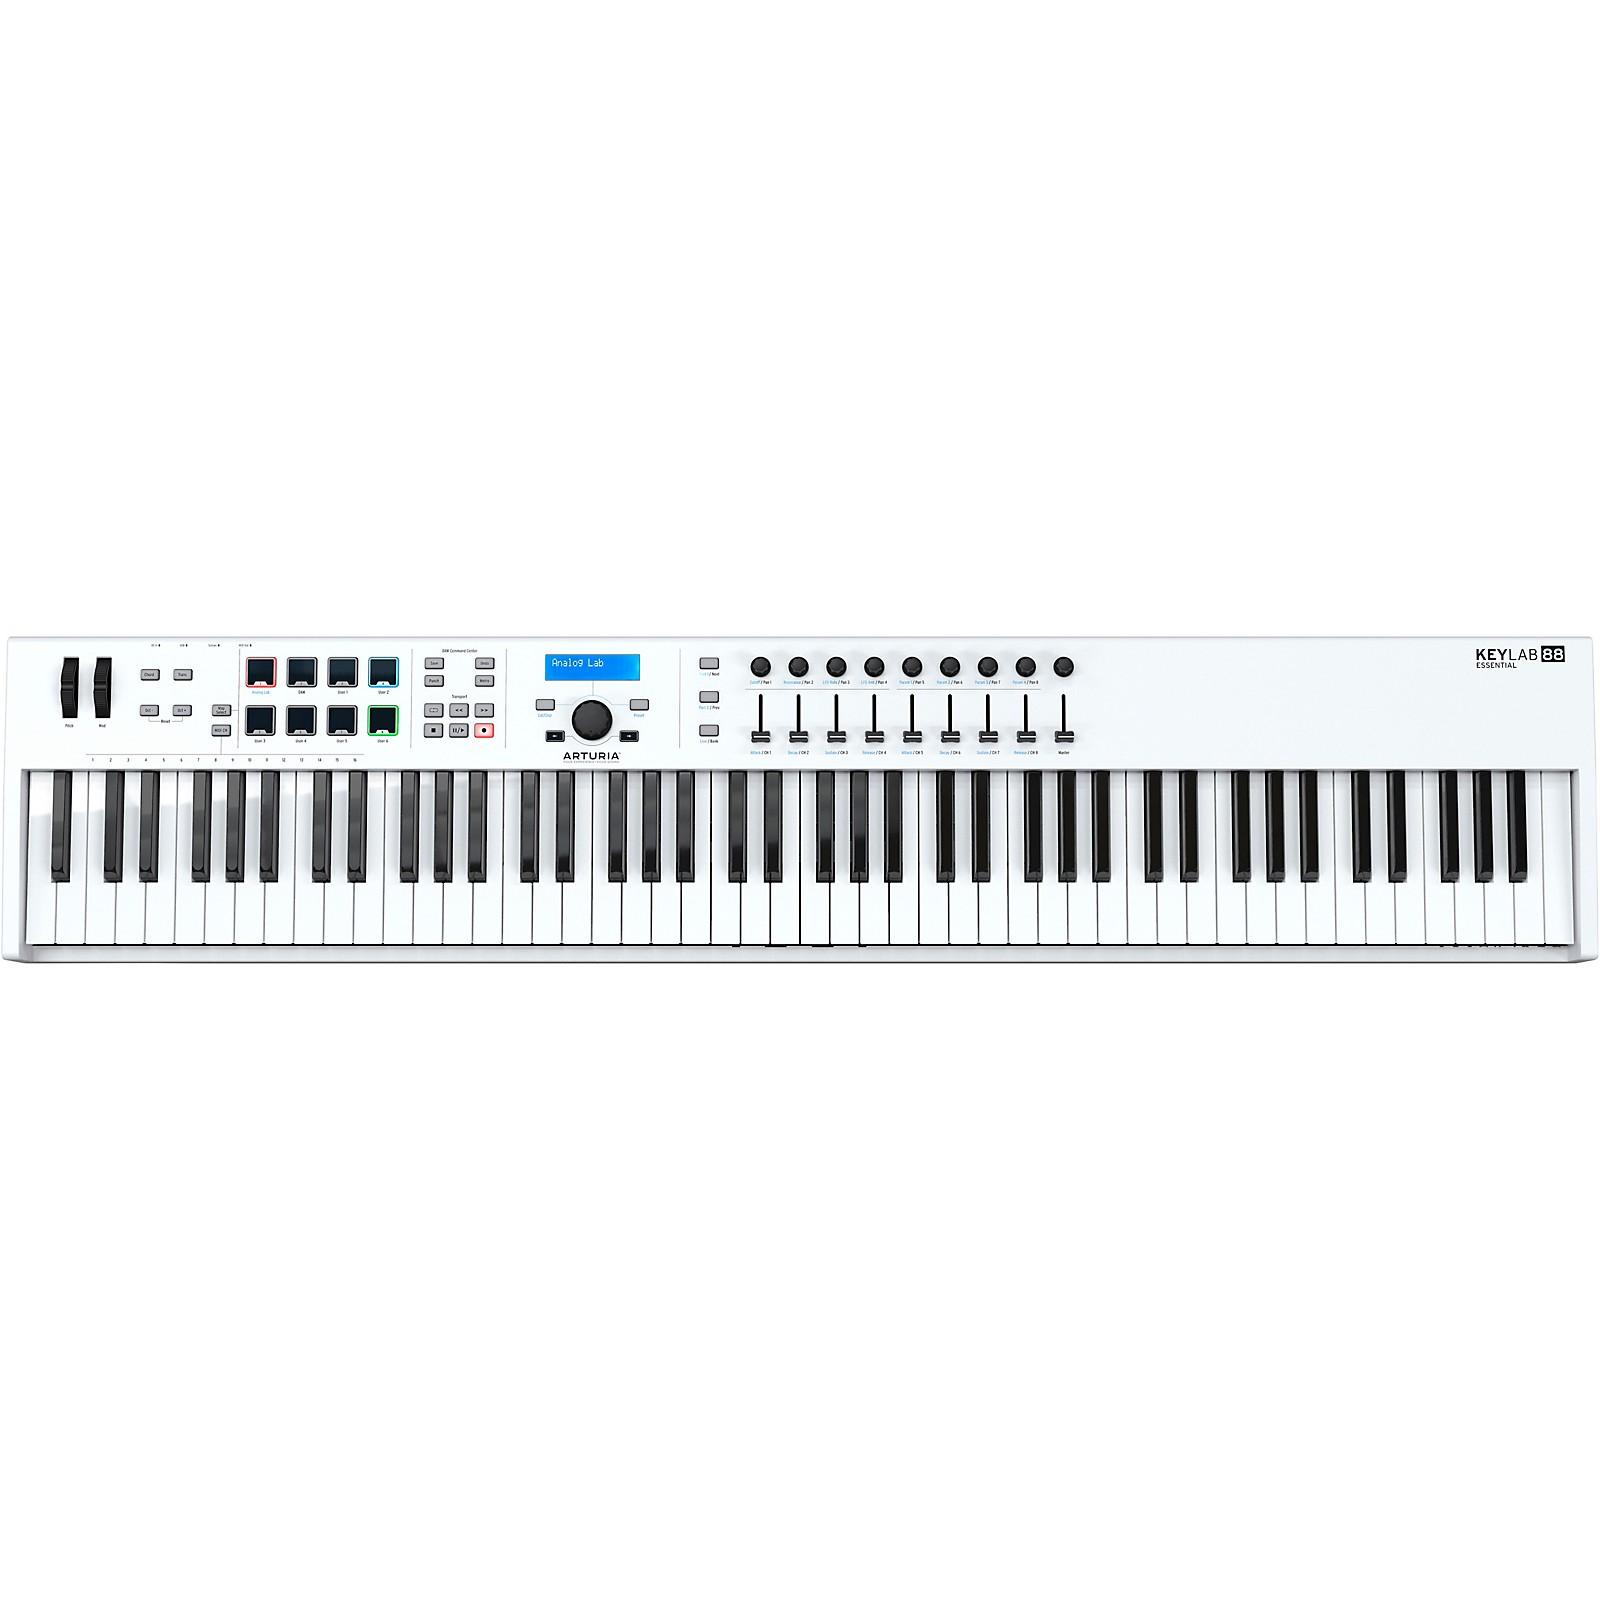 Arturia KeyLab Essential 88 Keyboard Controller